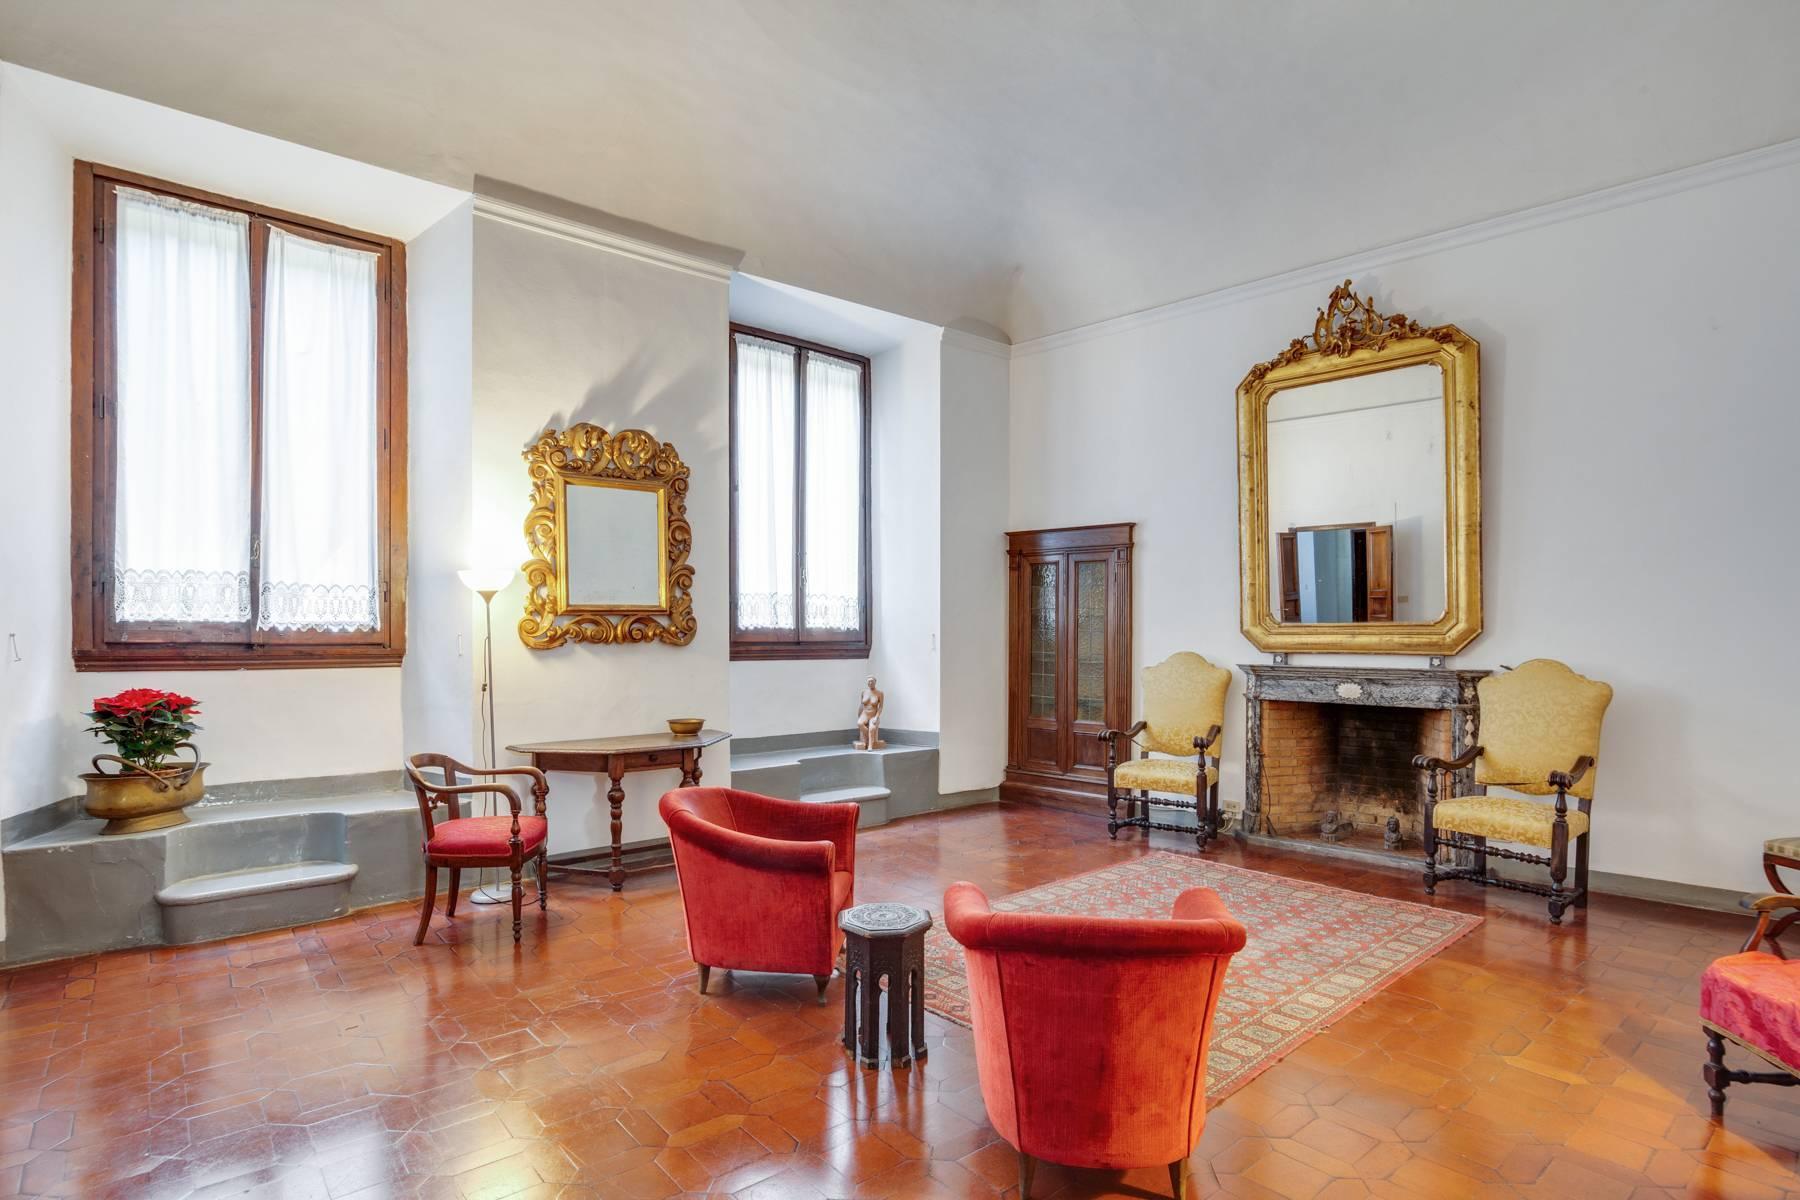 Просторный апартамент в историческом здании на Понте Веккьо - 1